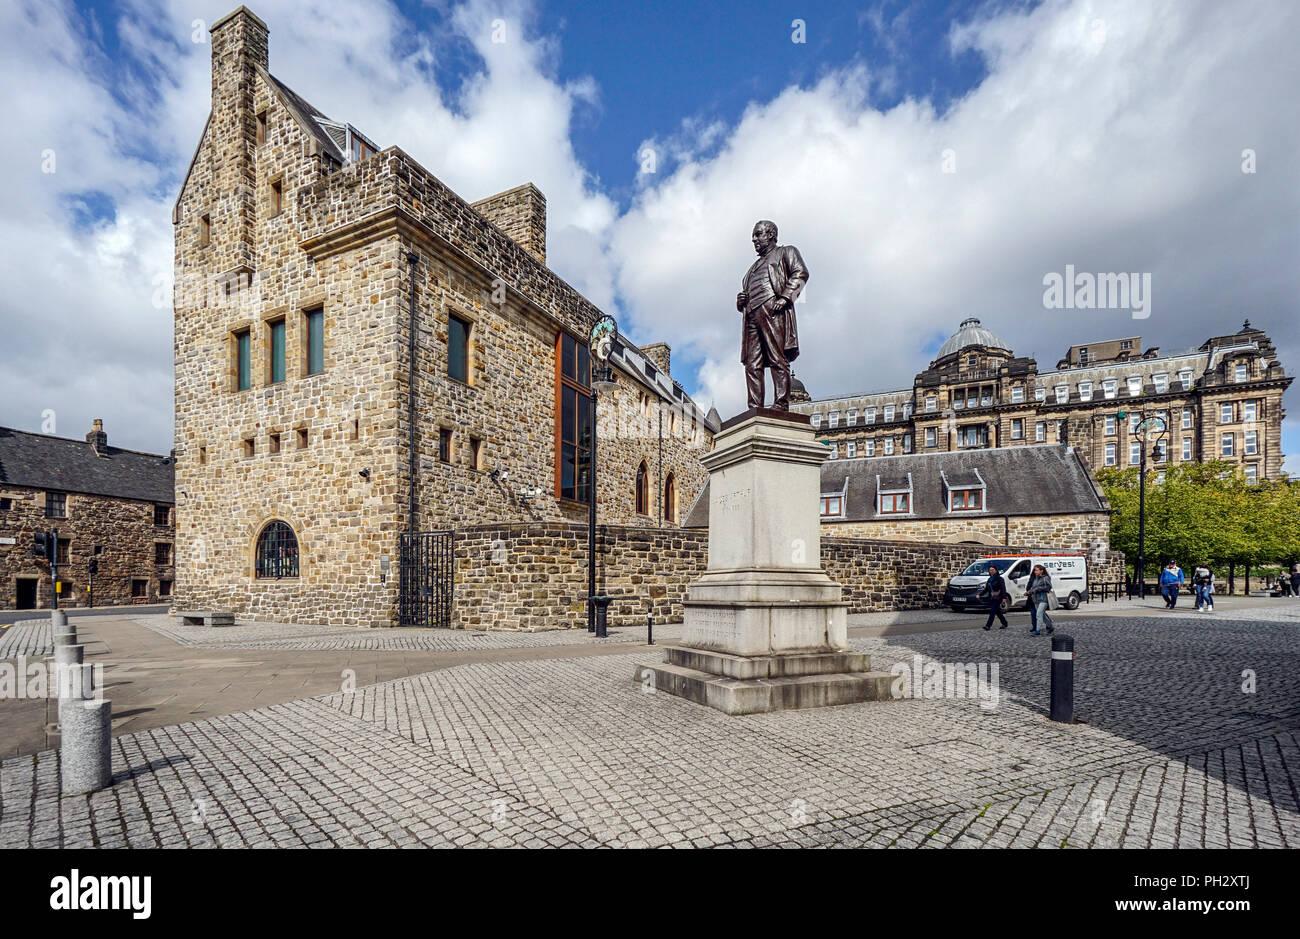 Statua di James Arthur davanti alla Basilica di San Mungo Museo di arte religiosa e la vita in Castle Street Glasgow Scotland Regno Unito Immagini Stock